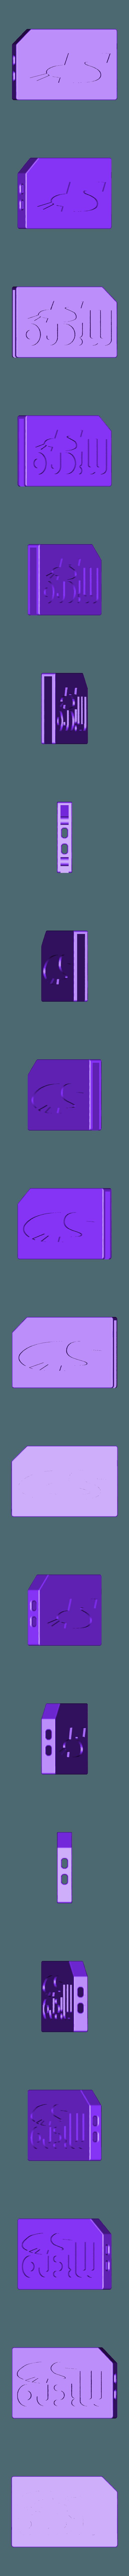 corps_01_element.stl Télécharger fichier STL gratuit Support SD et micro SD 1-10 éléments • Plan pour impression 3D, WaterLemon